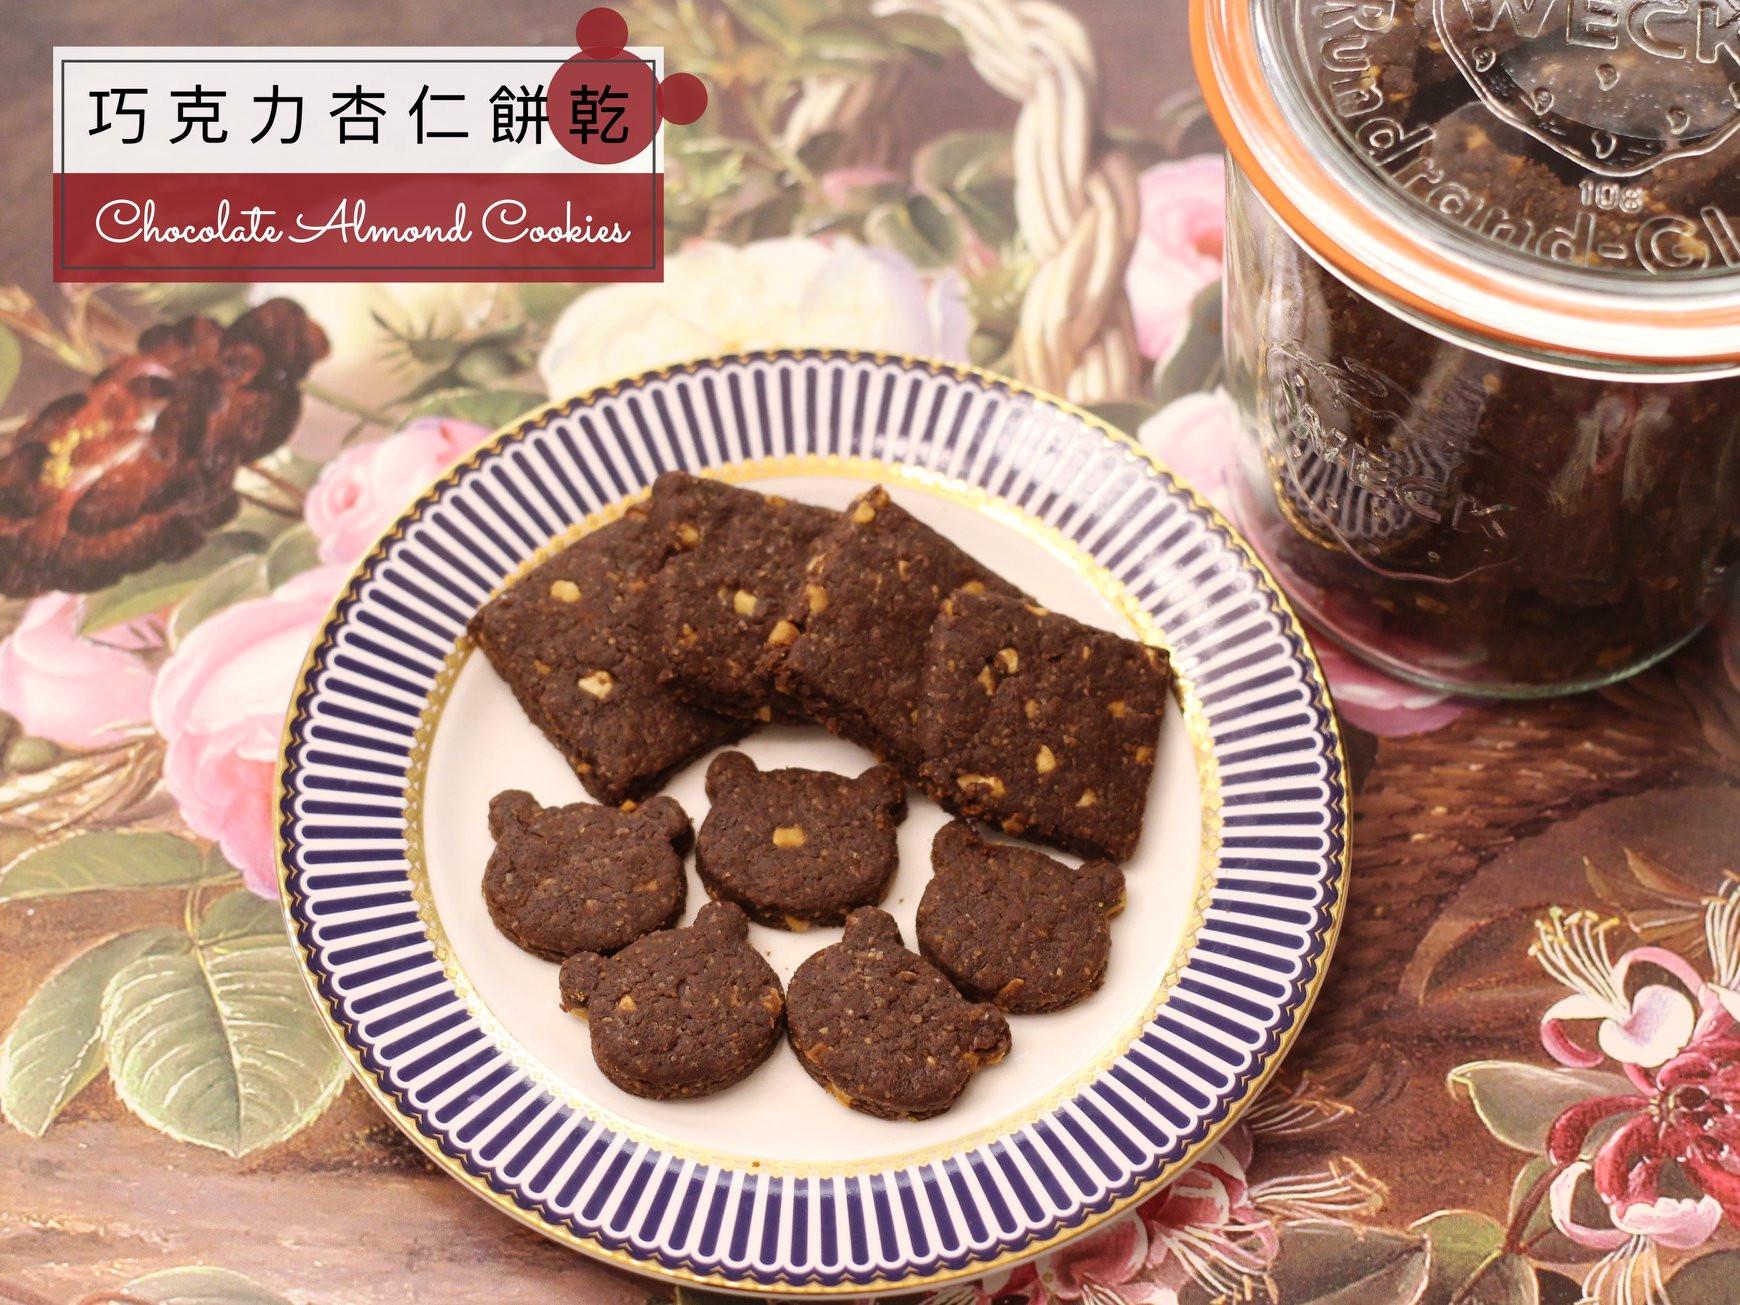 手工巧克力杏仁餅乾【我的瓶瓶罐罐小點心】